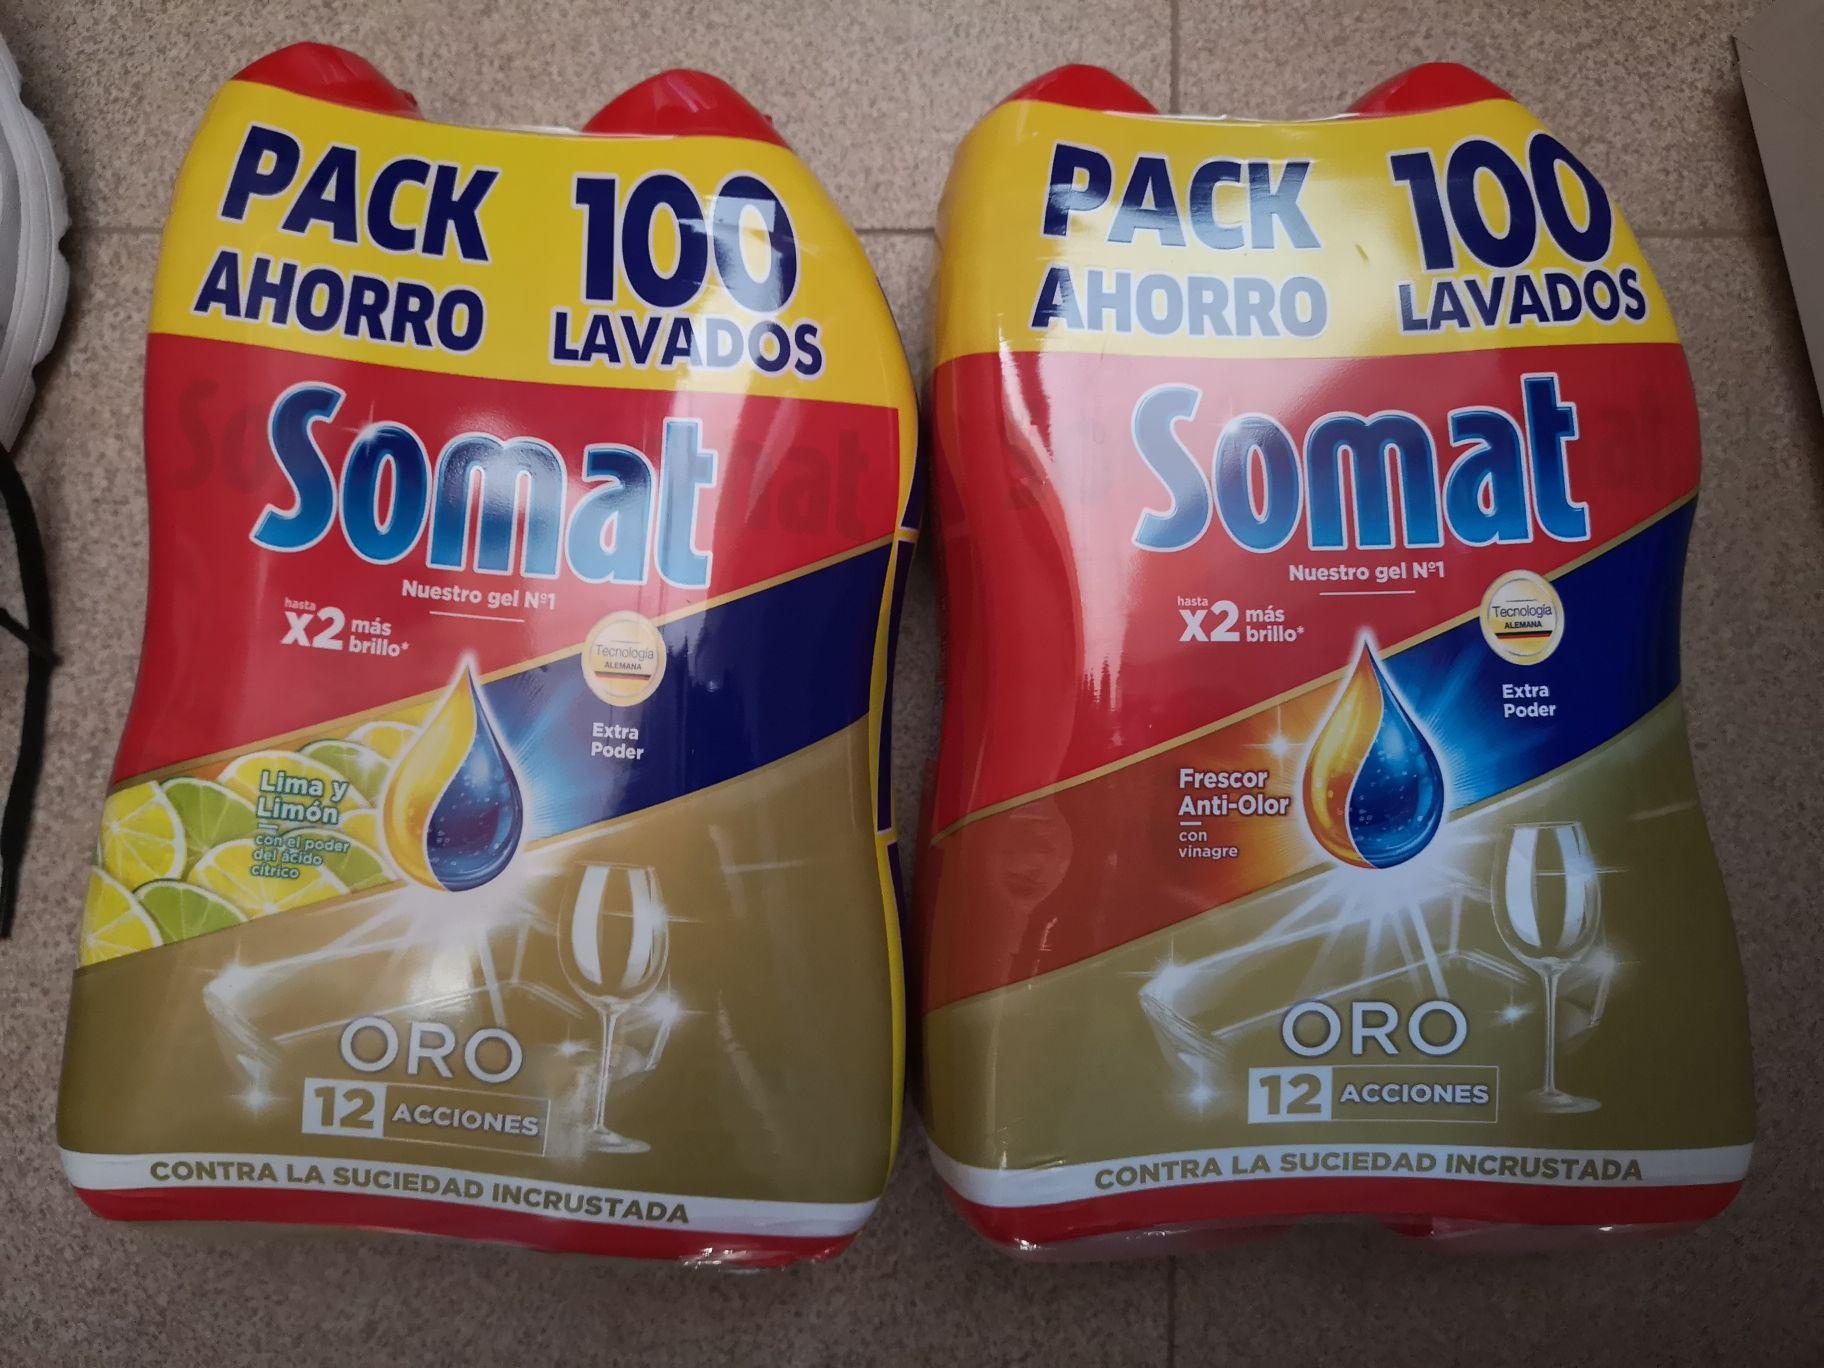 Lavavajillas Somat oro Gel XXL 100 lavados (2da Unidad al 70%)